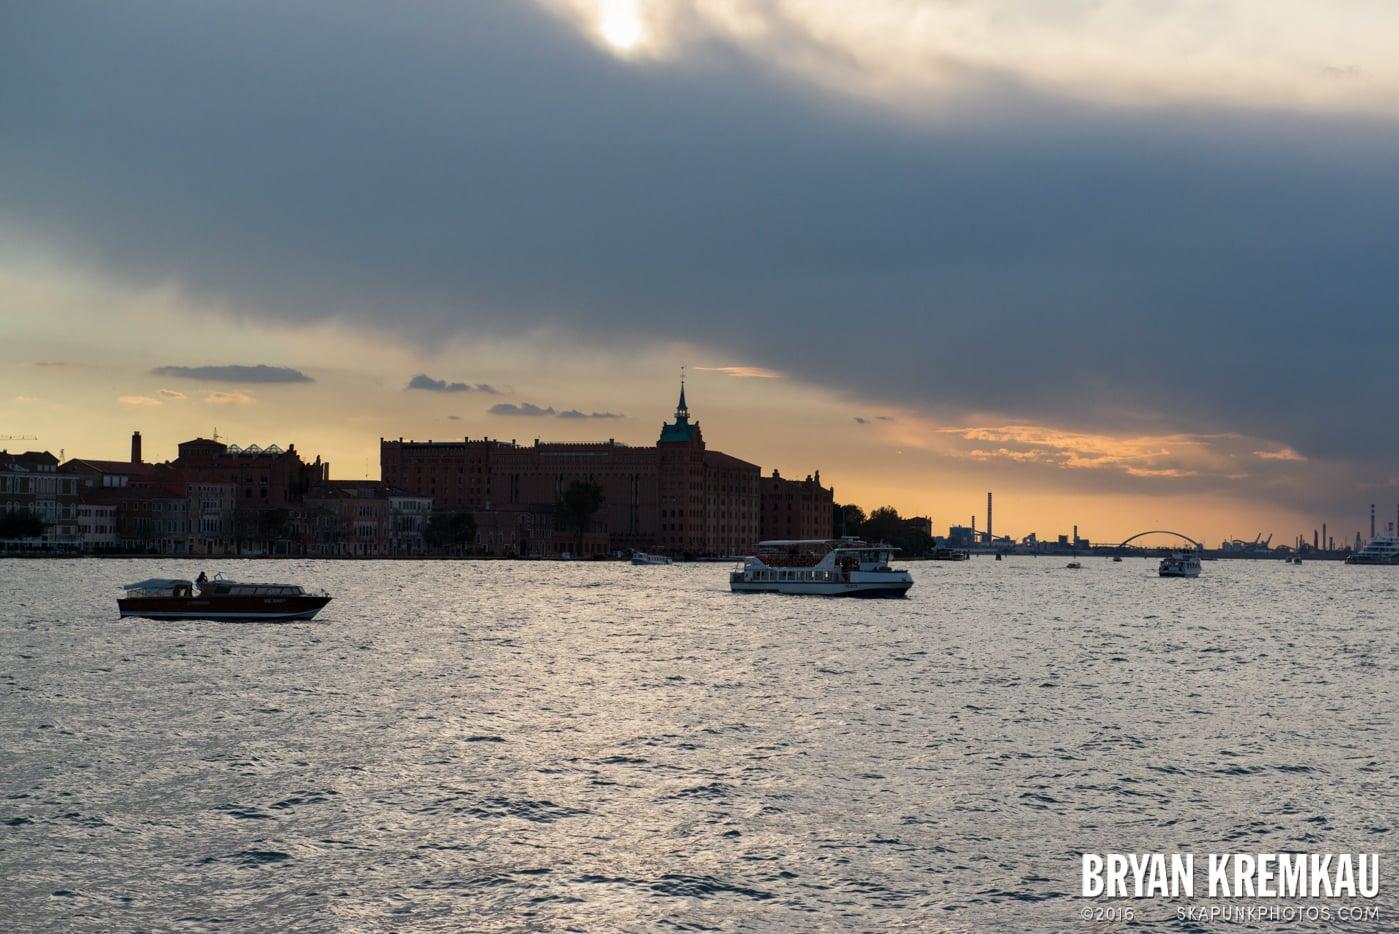 Italy Vacation - Day 4: Venice - 9.12.13 (14)